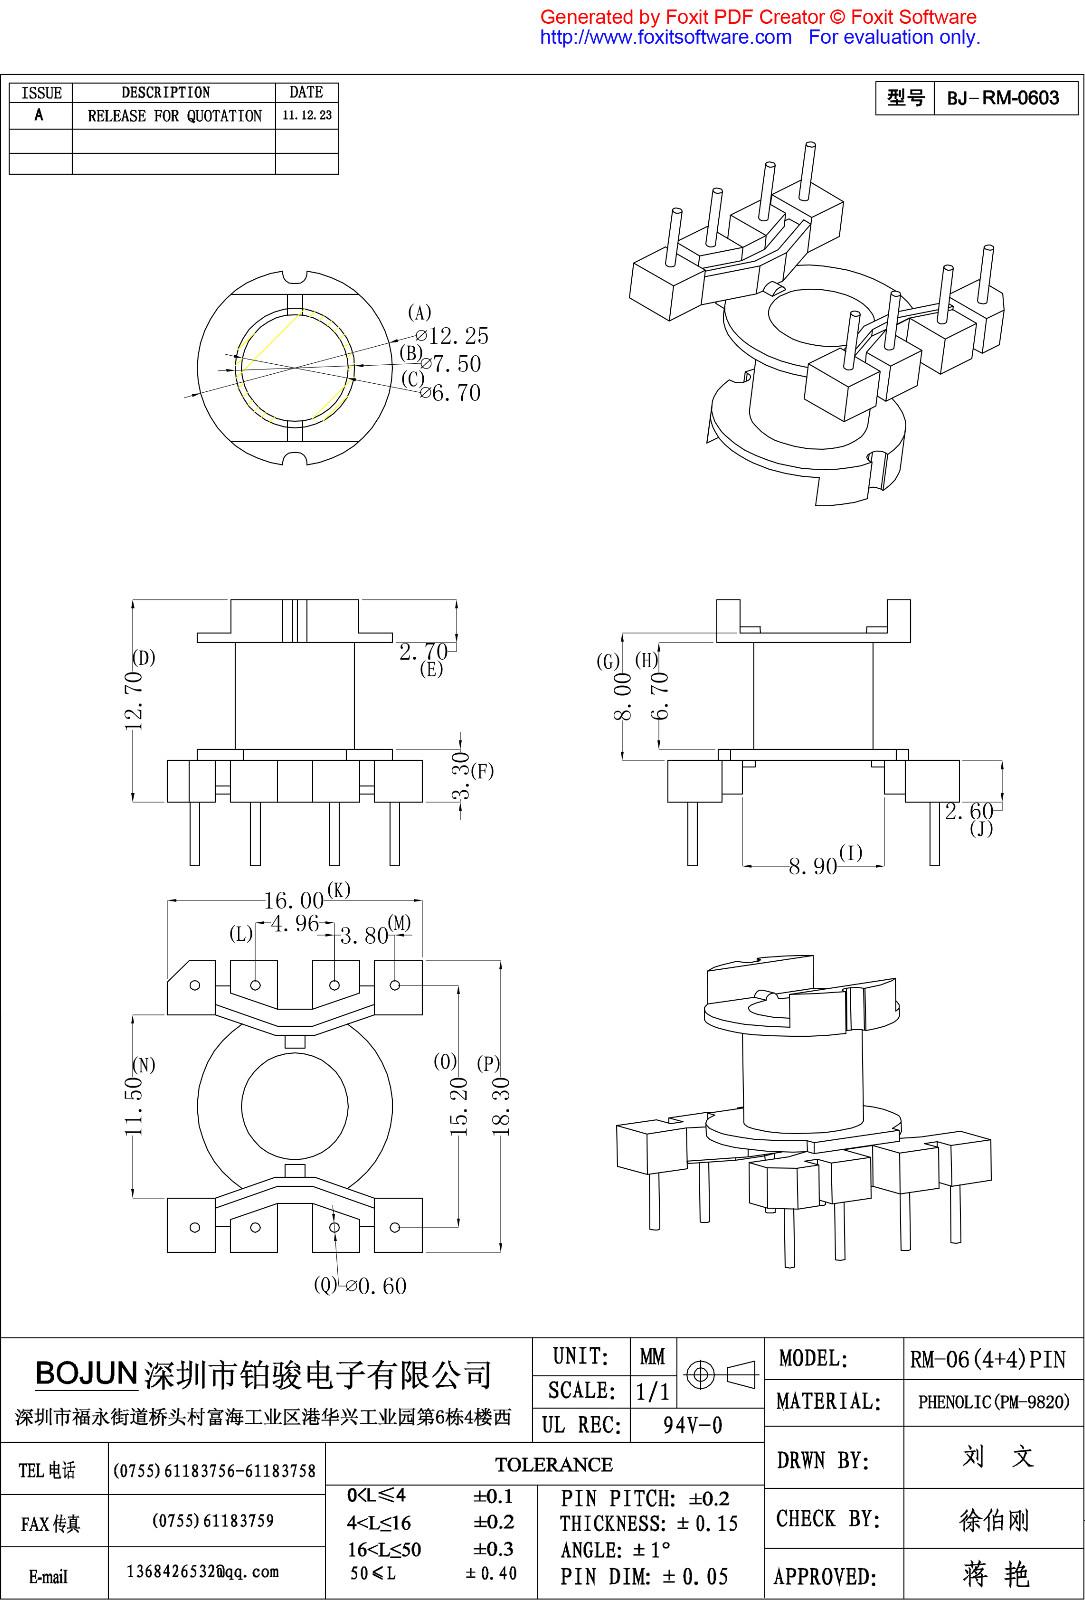 RM-0603-Model-(1).jpg